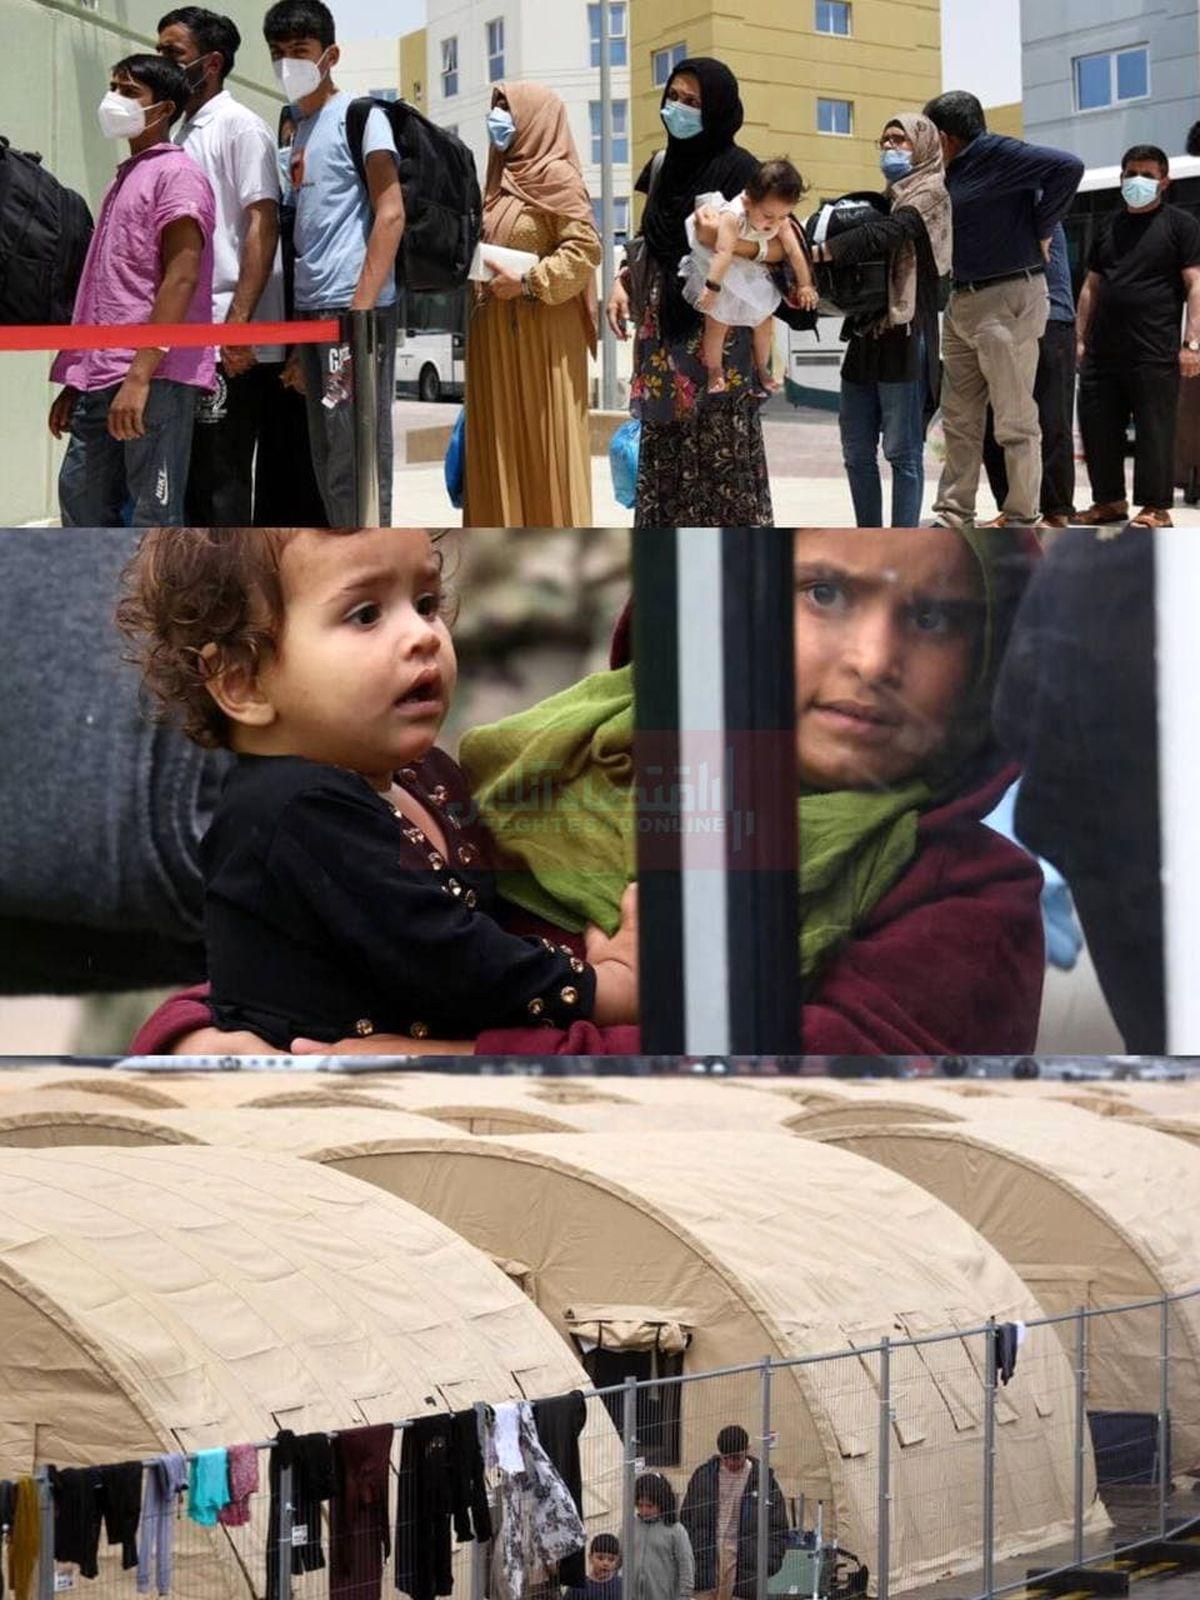 پناهجویان افغان در چادرهای پایگاههای نظامی آمریکا + عکس